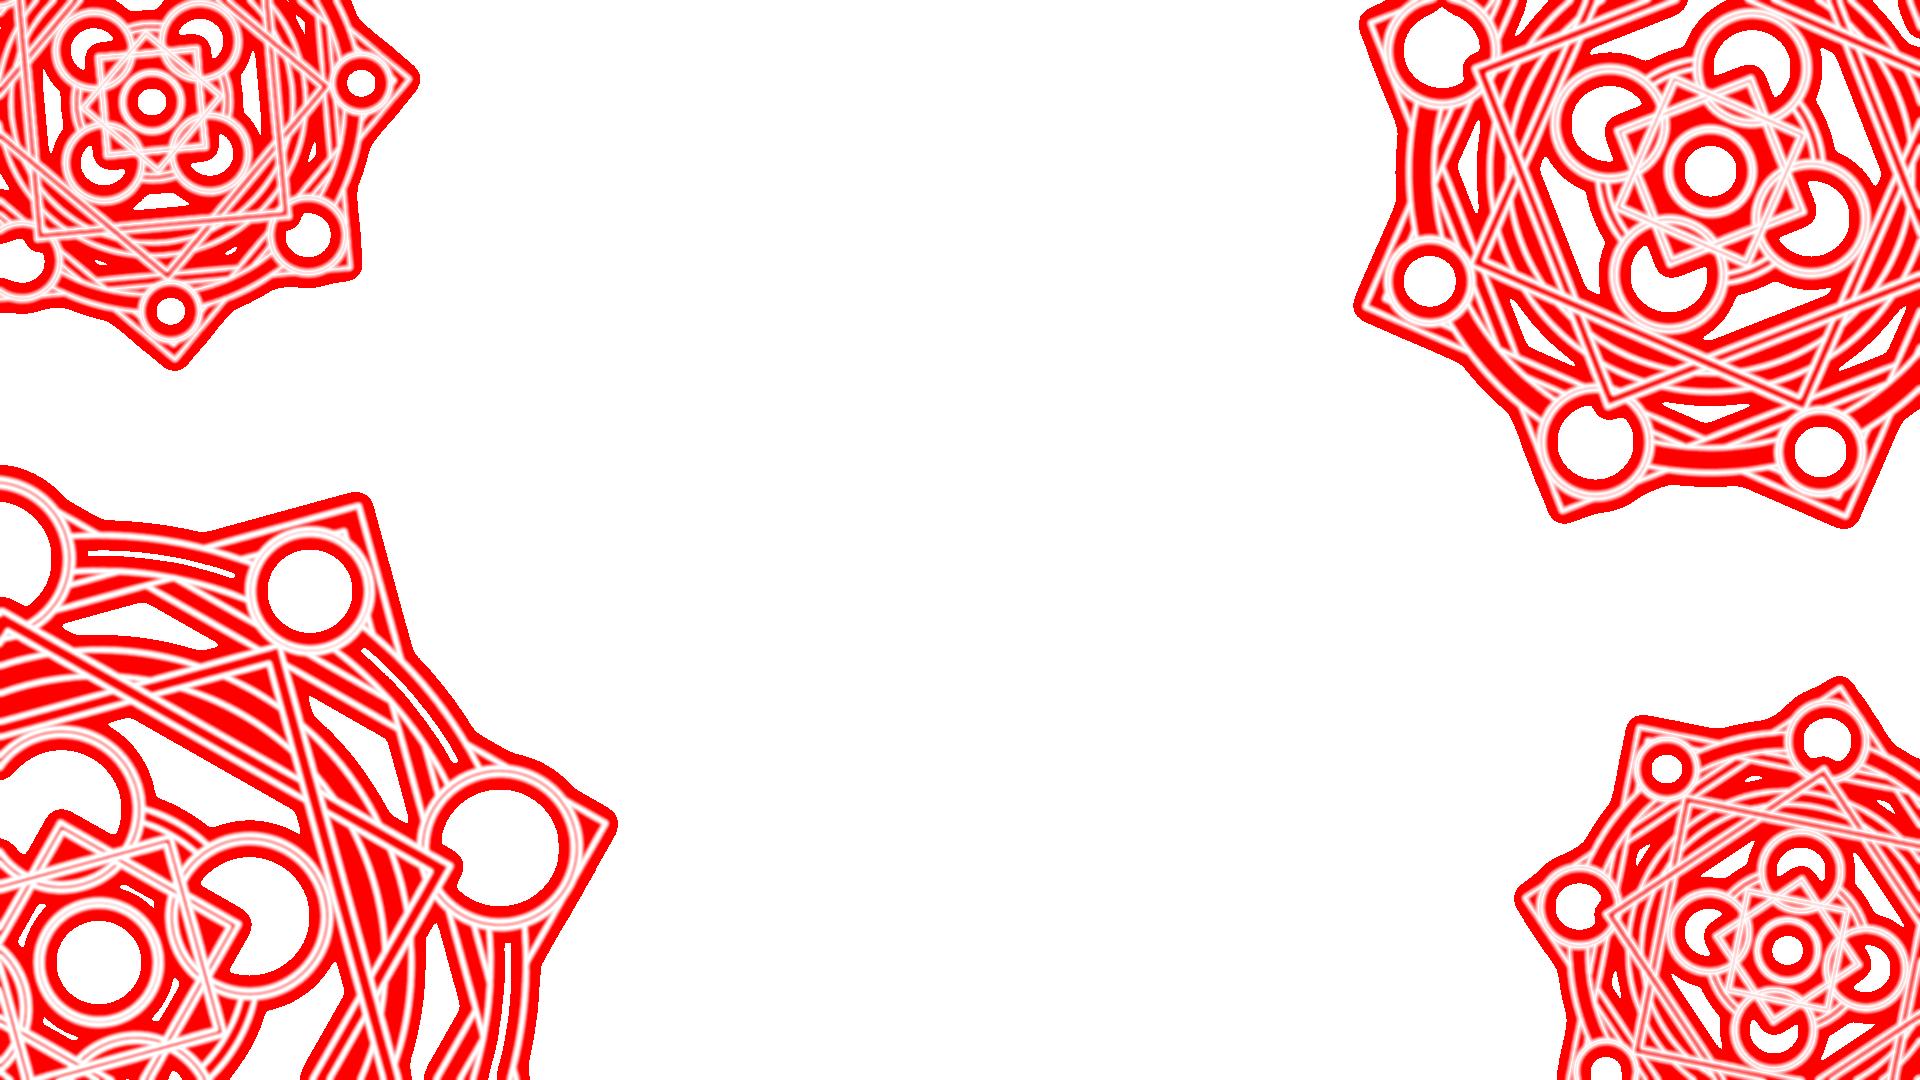 背景 フレーム 魔法陣のフレーム 七三ゆきのアトリエ